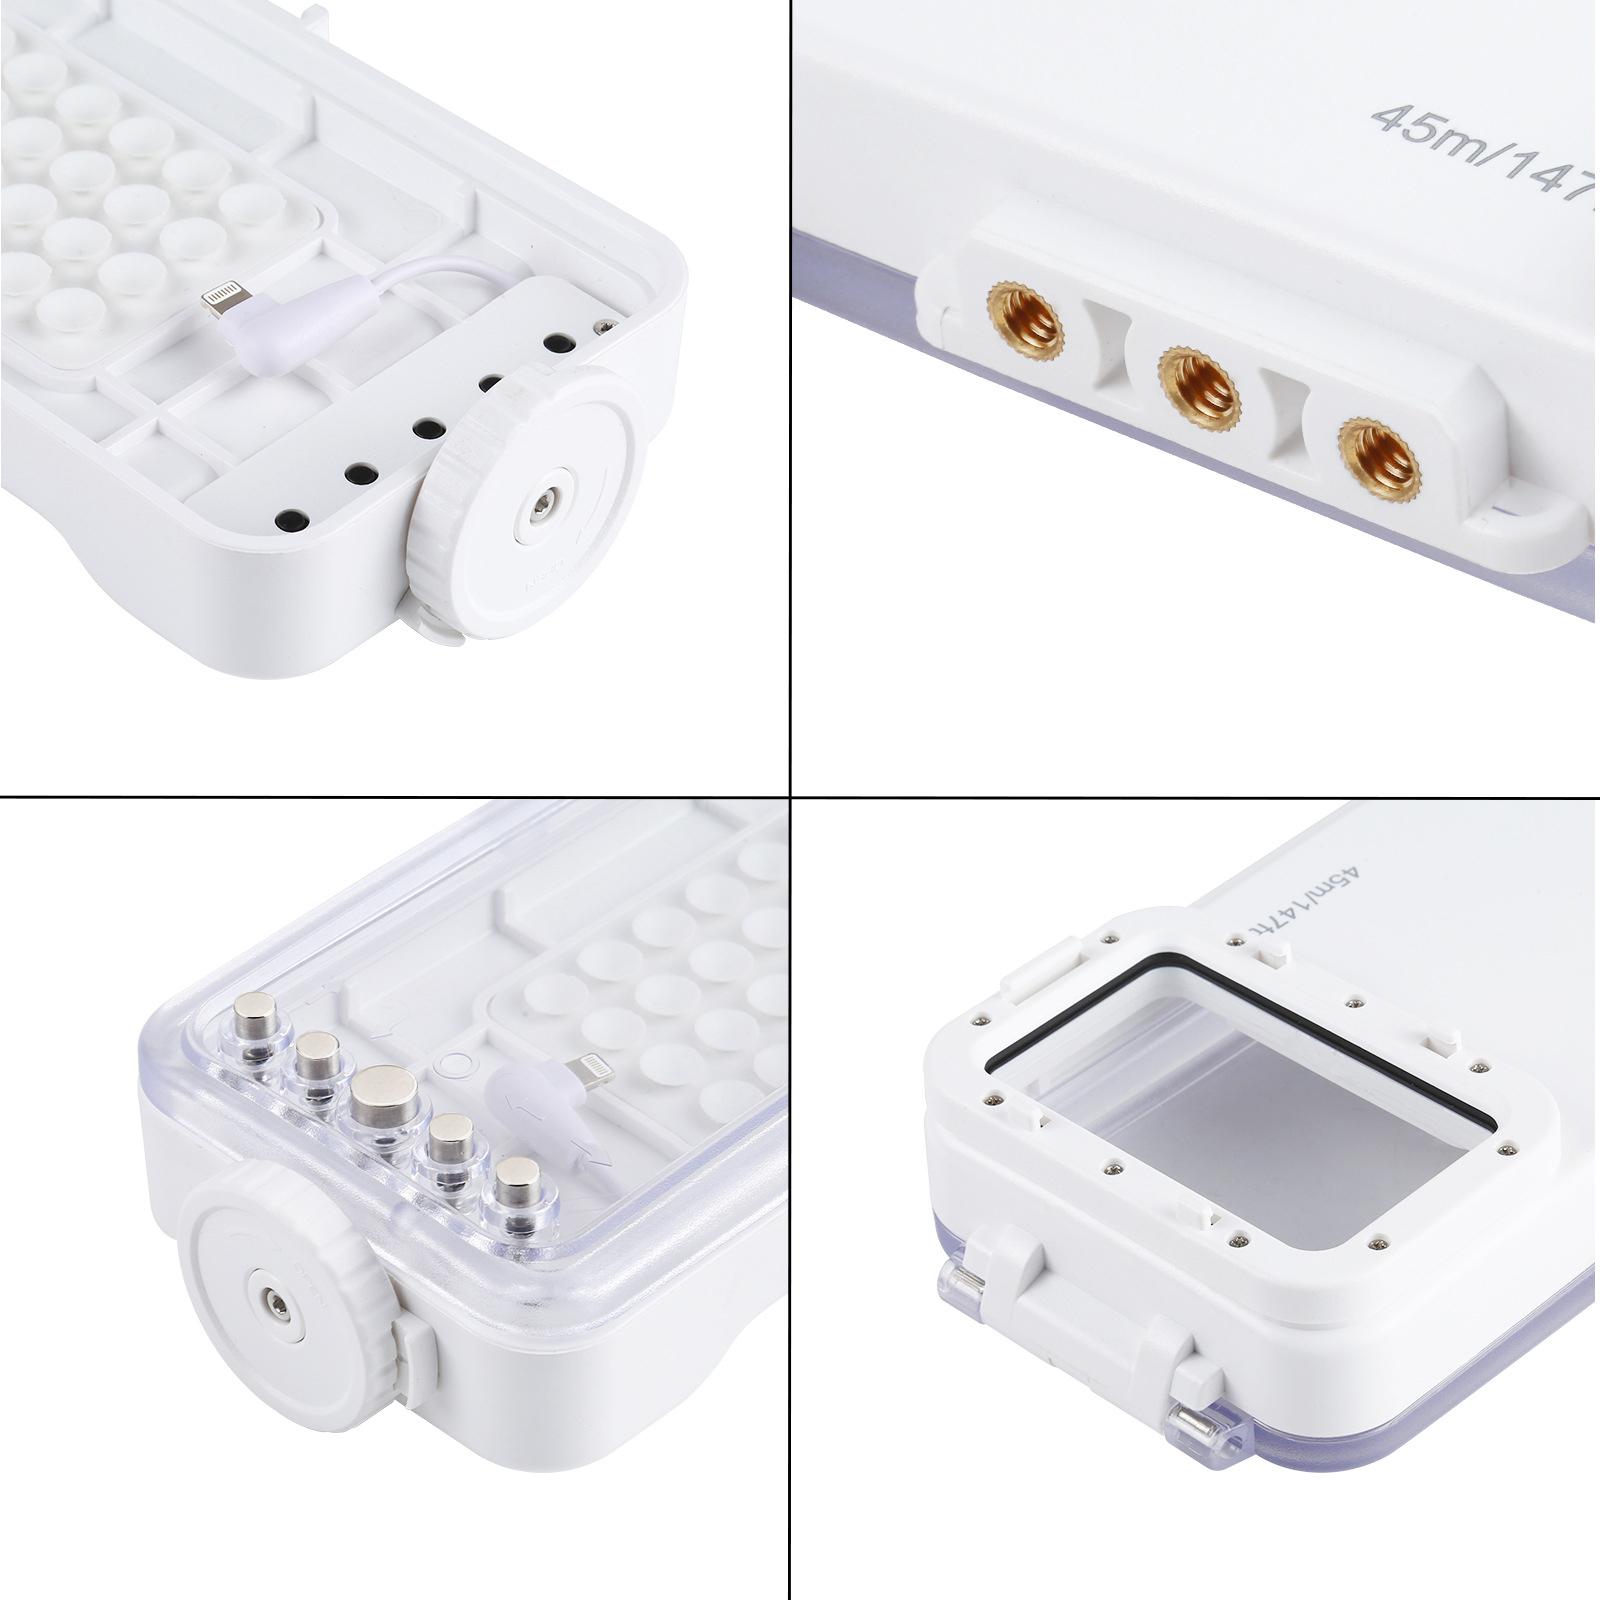 чехол для iPhone с iOS13.0 и выше от PULUZ 6 - Водонепроницаемый чехол для iPhone (с iOS13.0 и выше) от PULUZ, универсальный чехол для iPhone